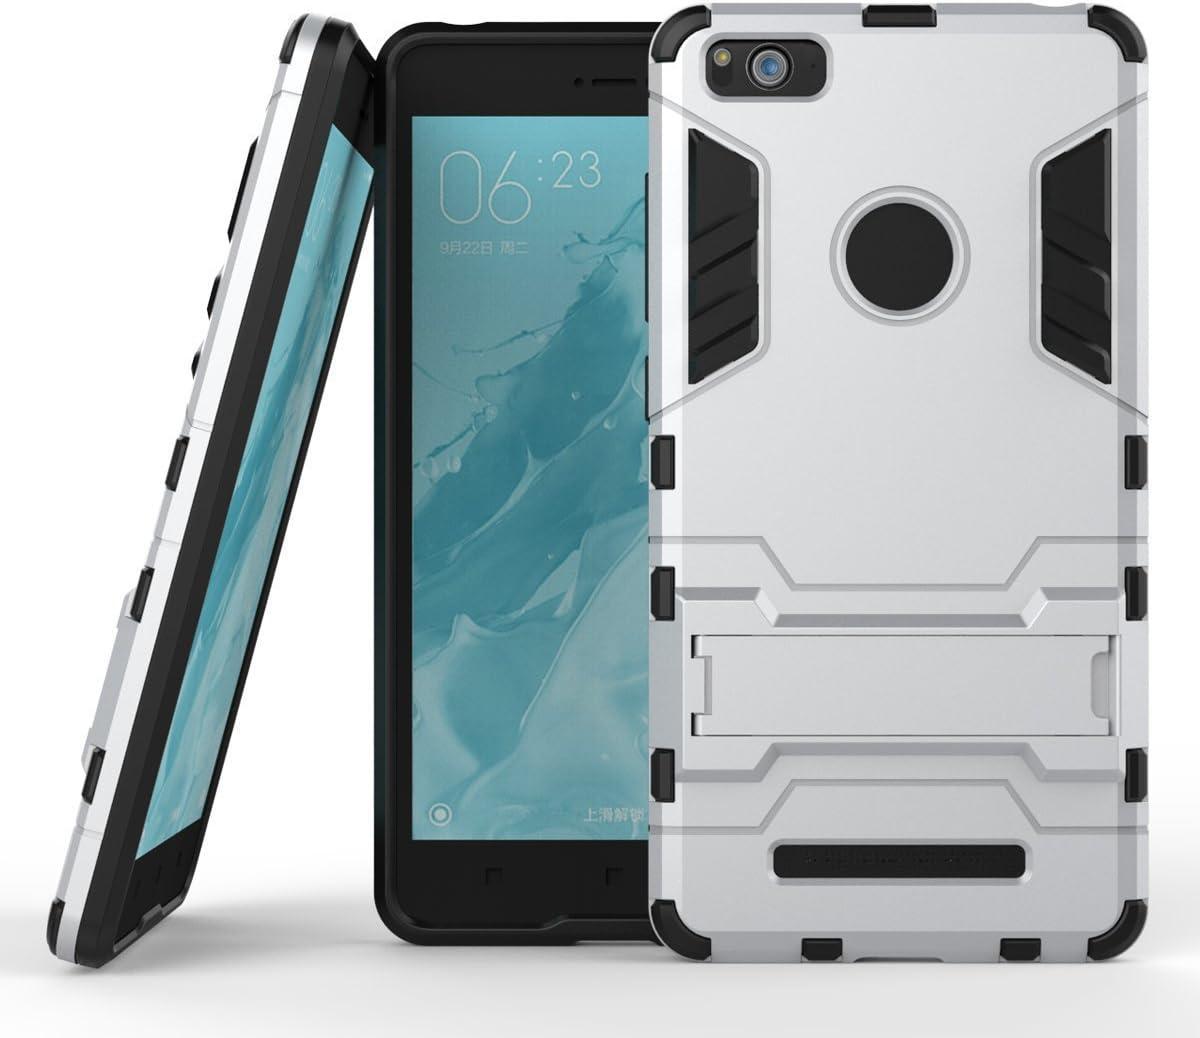 Funda para Xiaomi Mi 4i / Mi 4C (5 Pulgadas) 2 en 1 Híbrida Rugged Armor Case Choque Absorción Protección Dual Layer Bumper Carcasa con Pata de Cabra (Plateado)